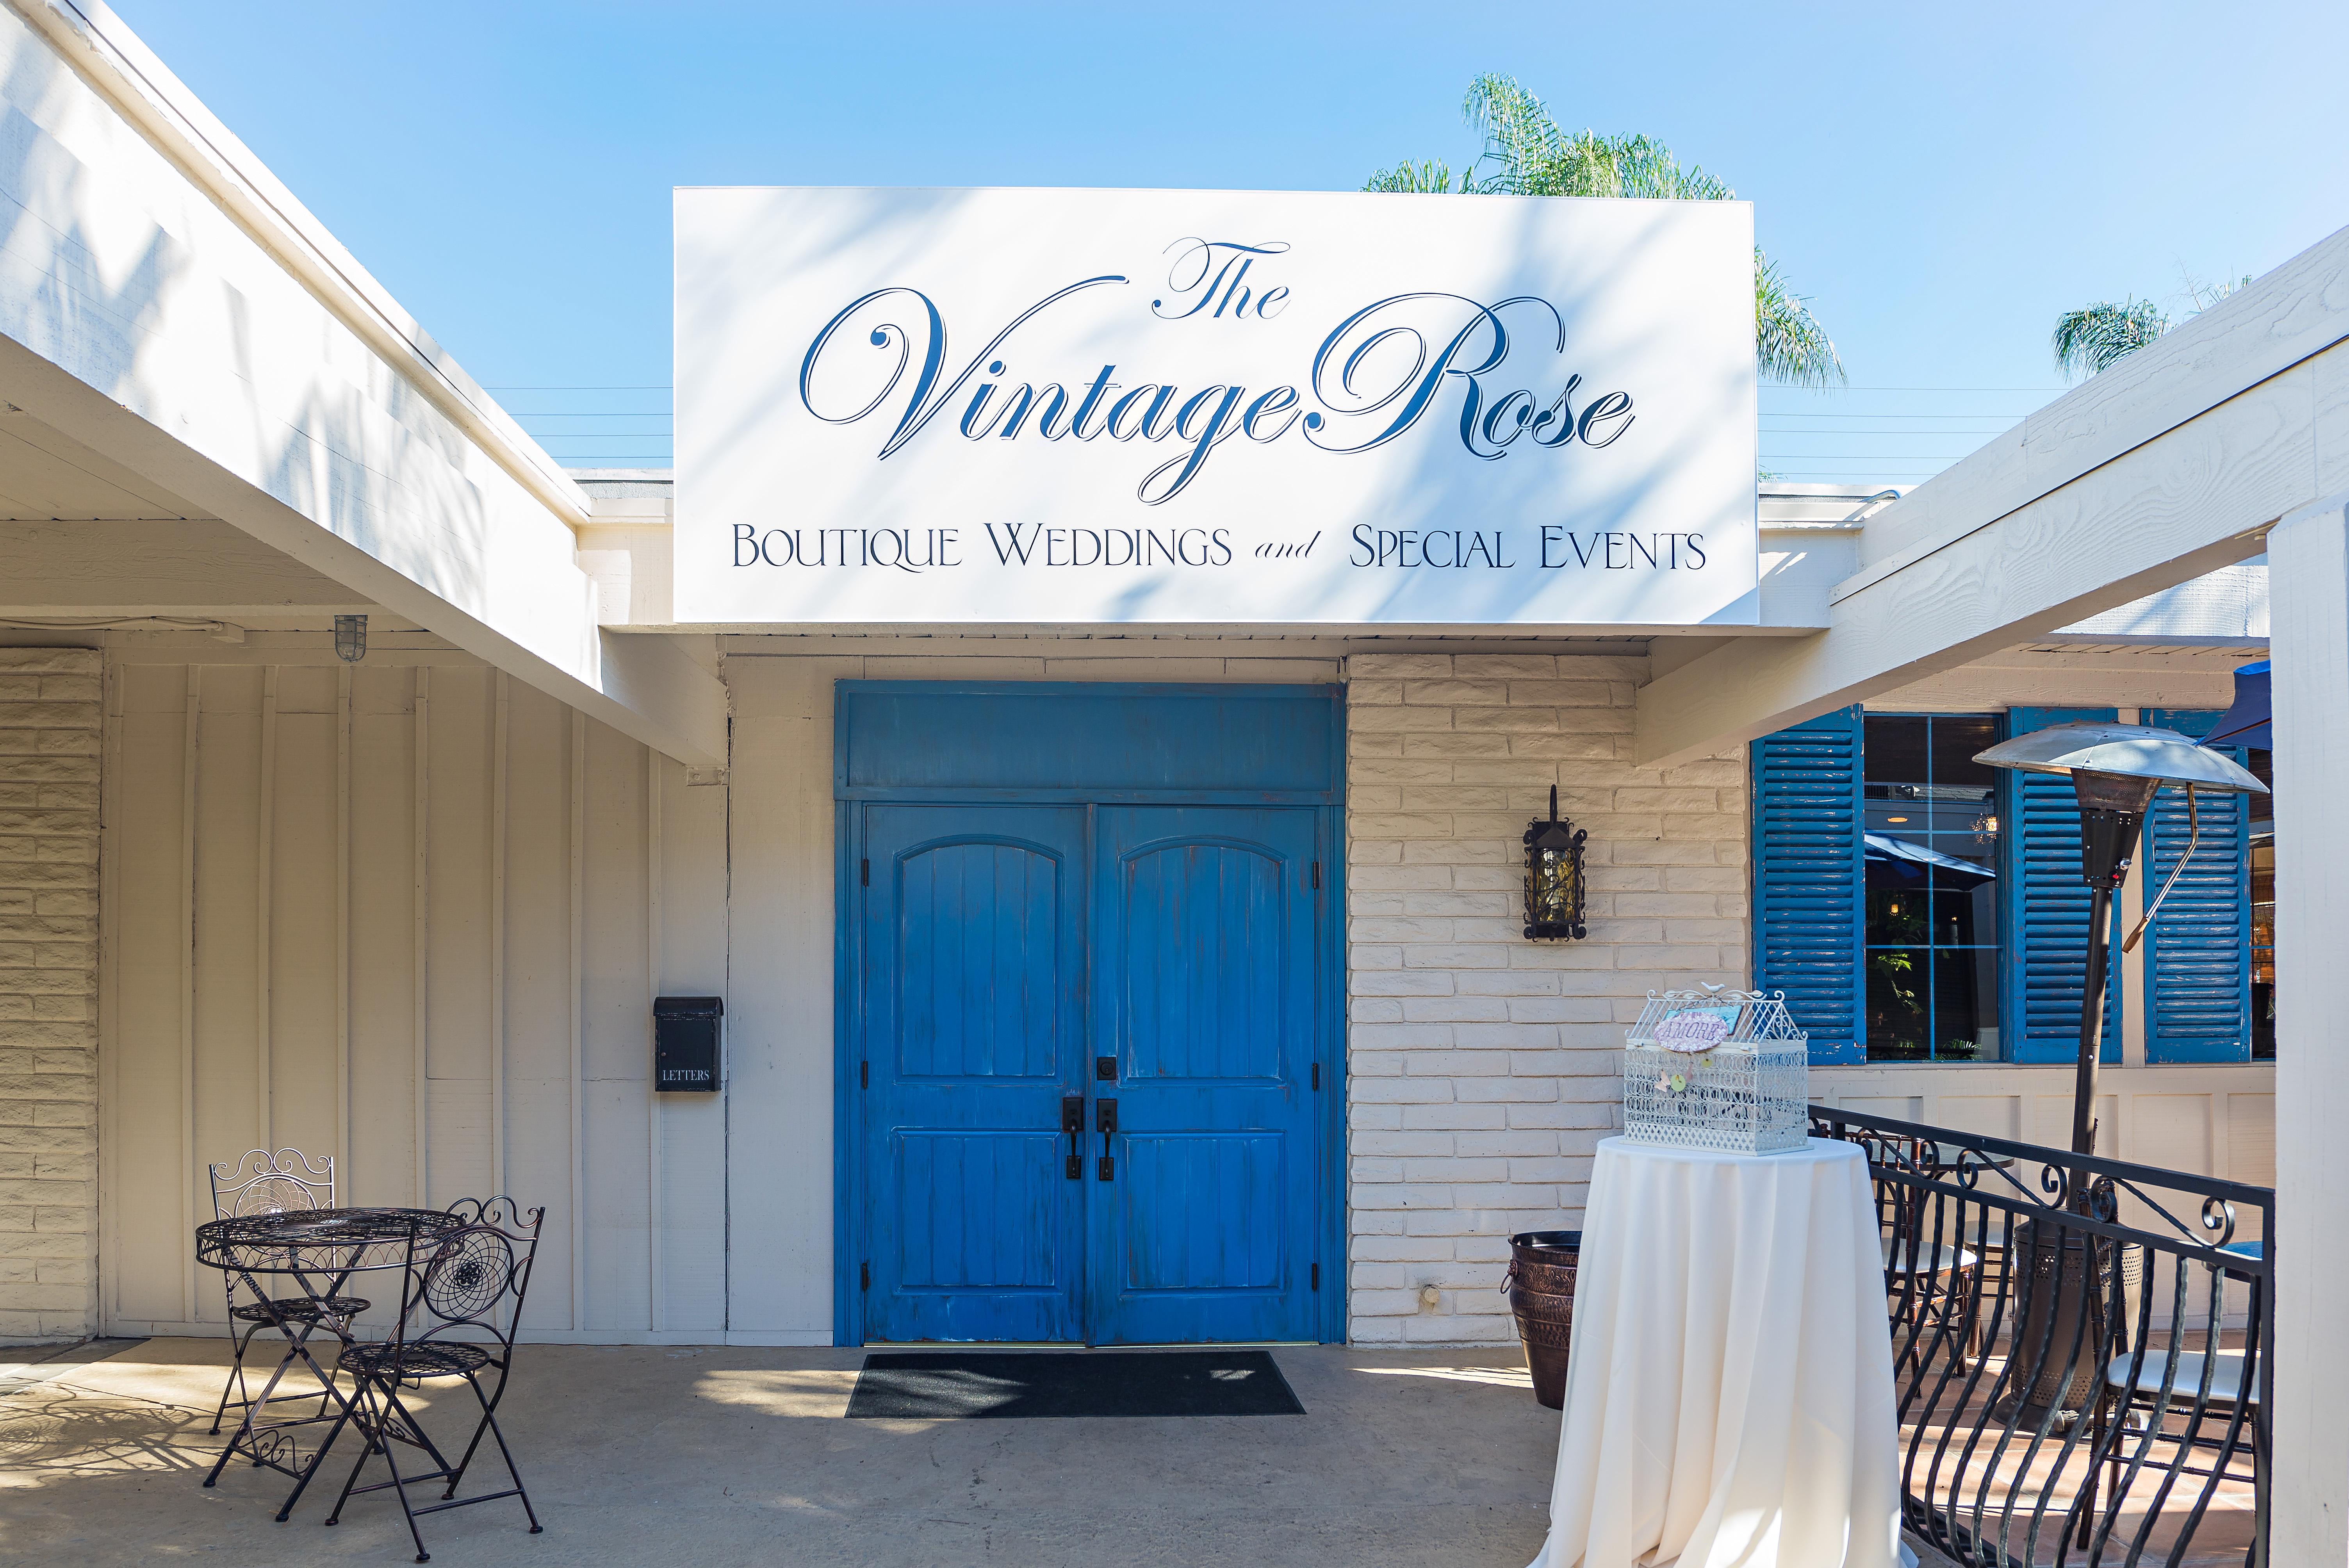 The Vintage Rose 49